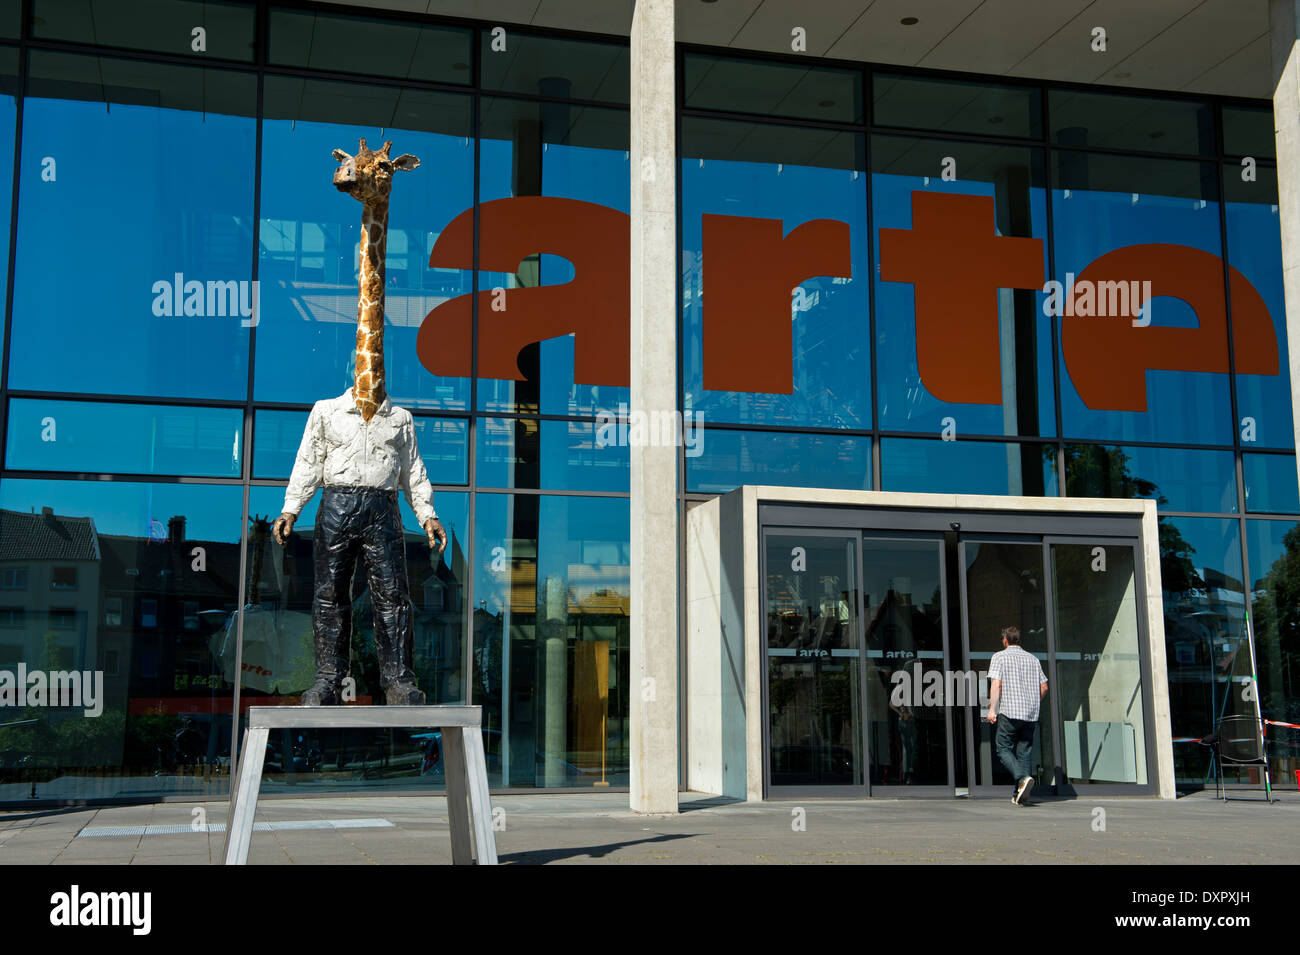 La scultura Homme-Girafe da Stefan Balkenhol presso la sede del franco-tedesco di rete TV ARTE, Strasburgo, Alsazia, Francia Immagini Stock